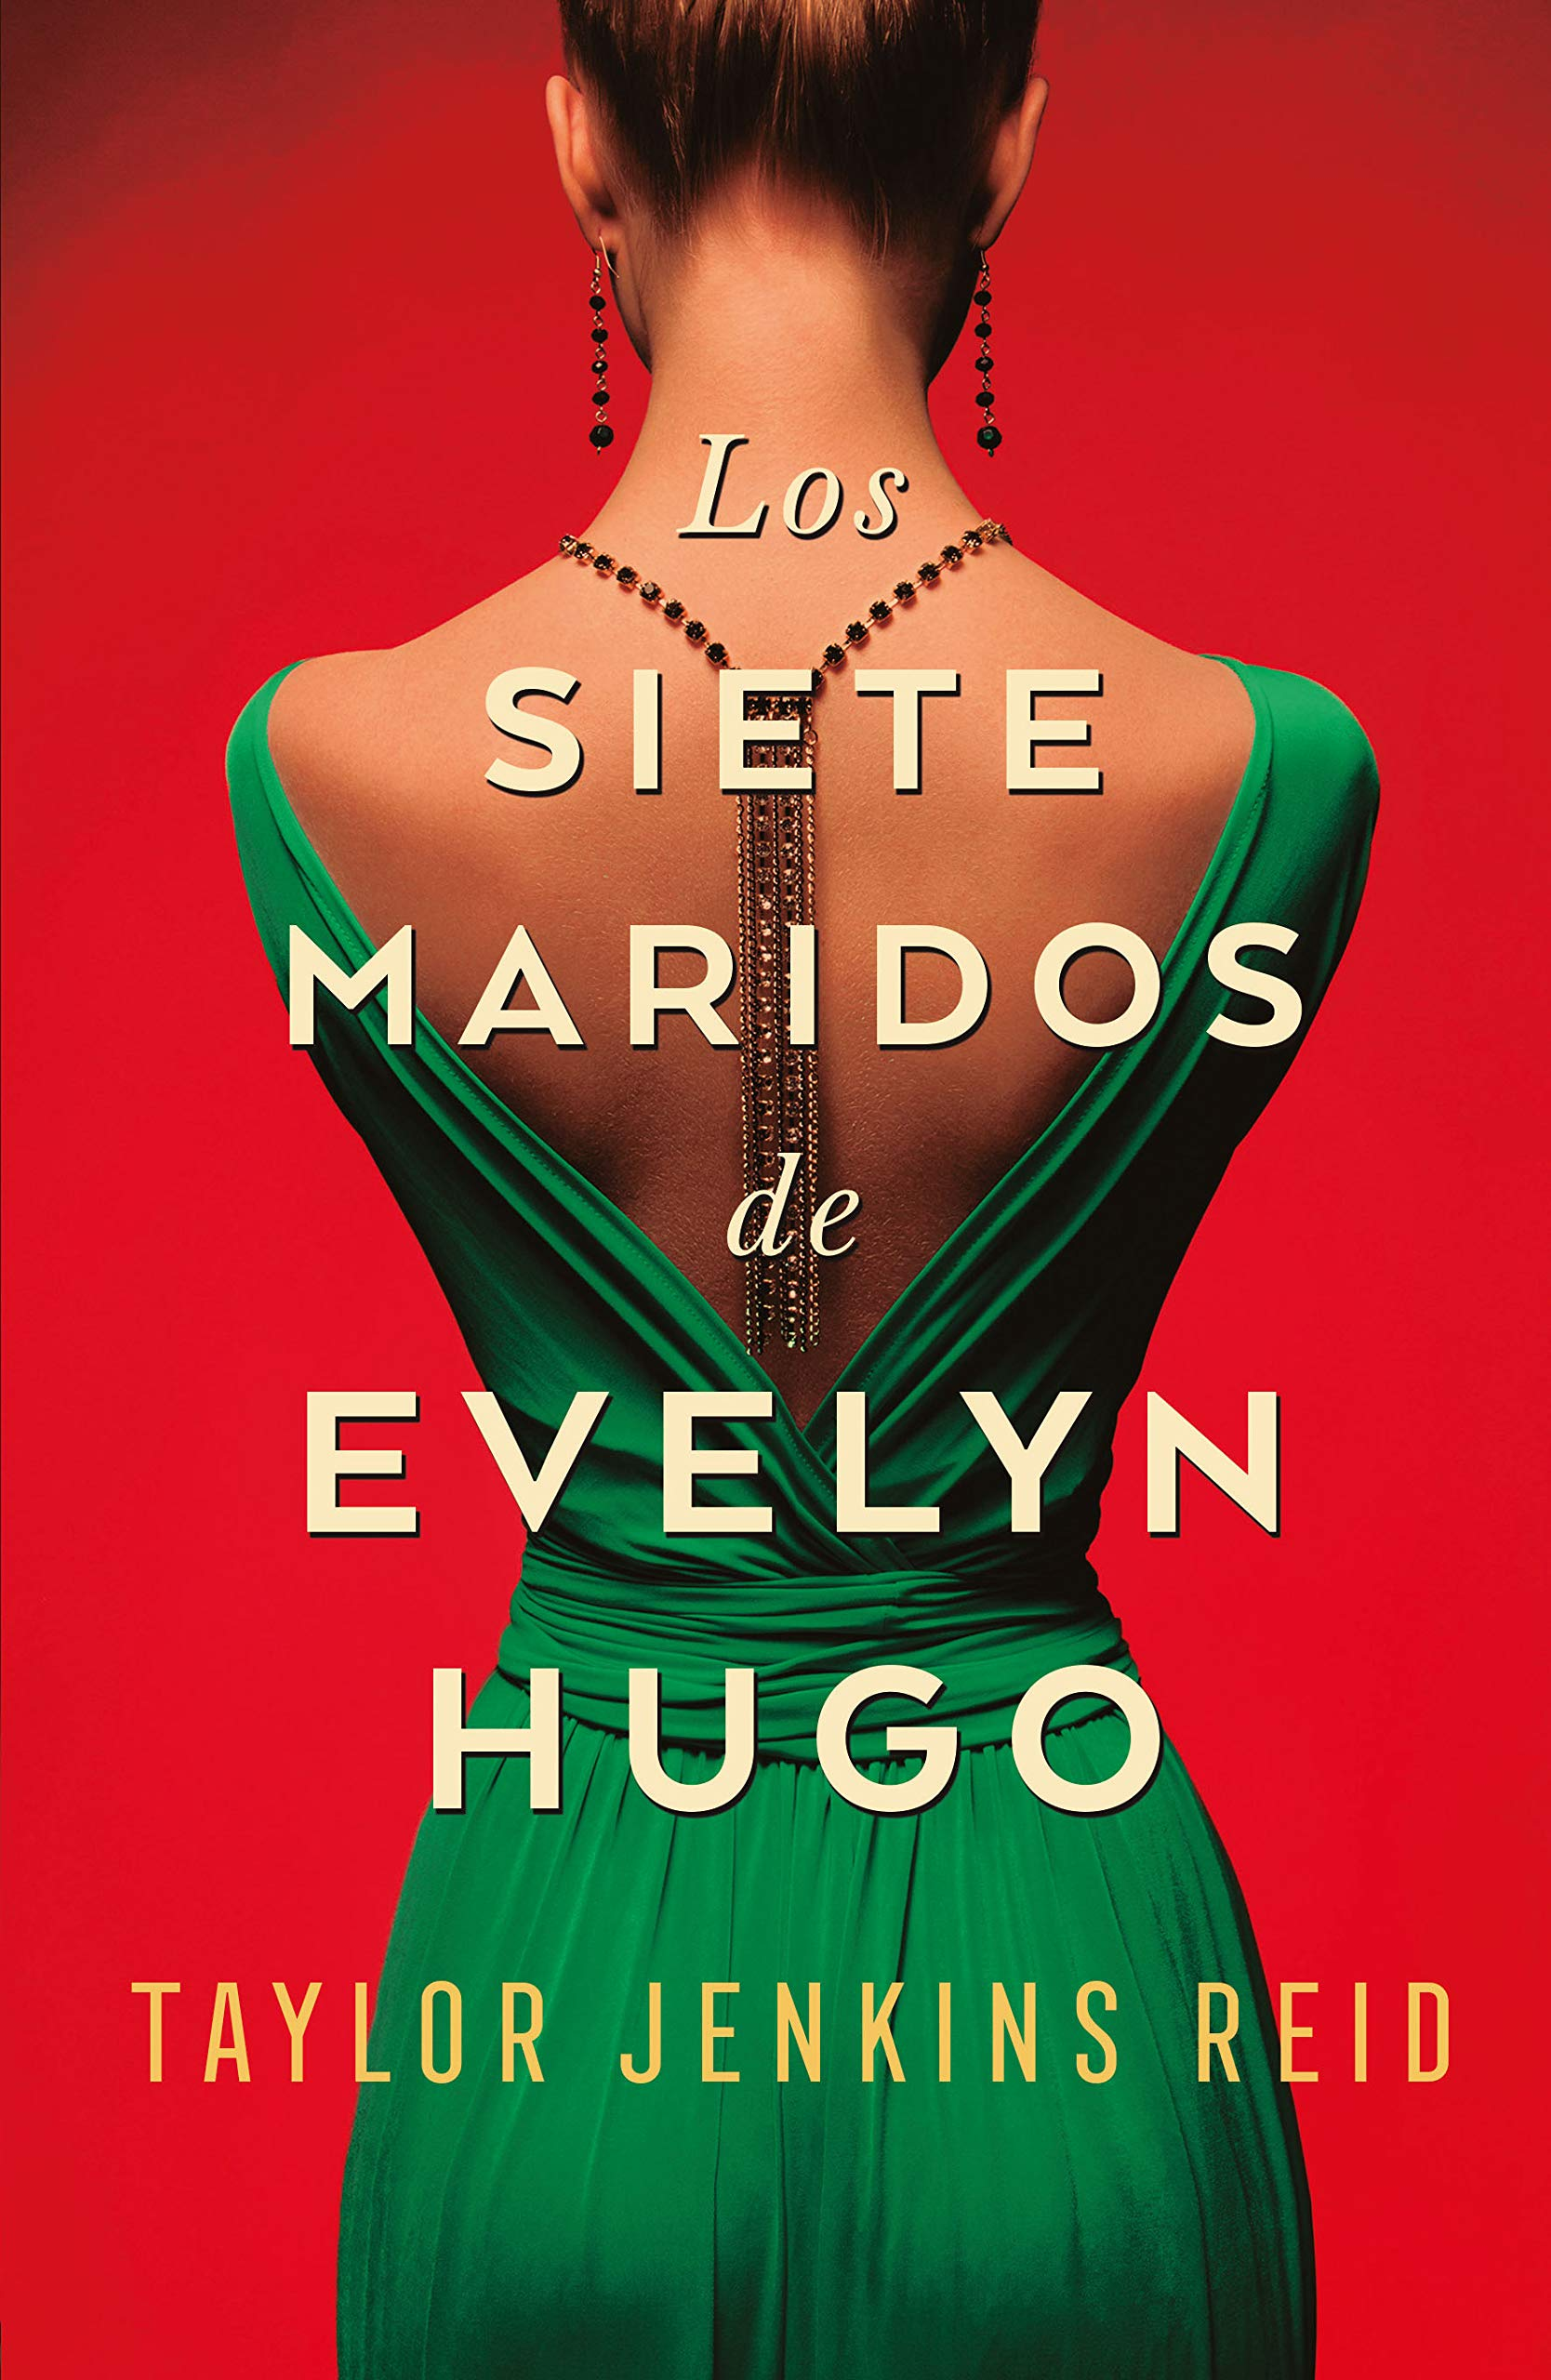 Los Siete Maridos De Evelyn Hugo (Umbriel narrativa): Amazon.es ...